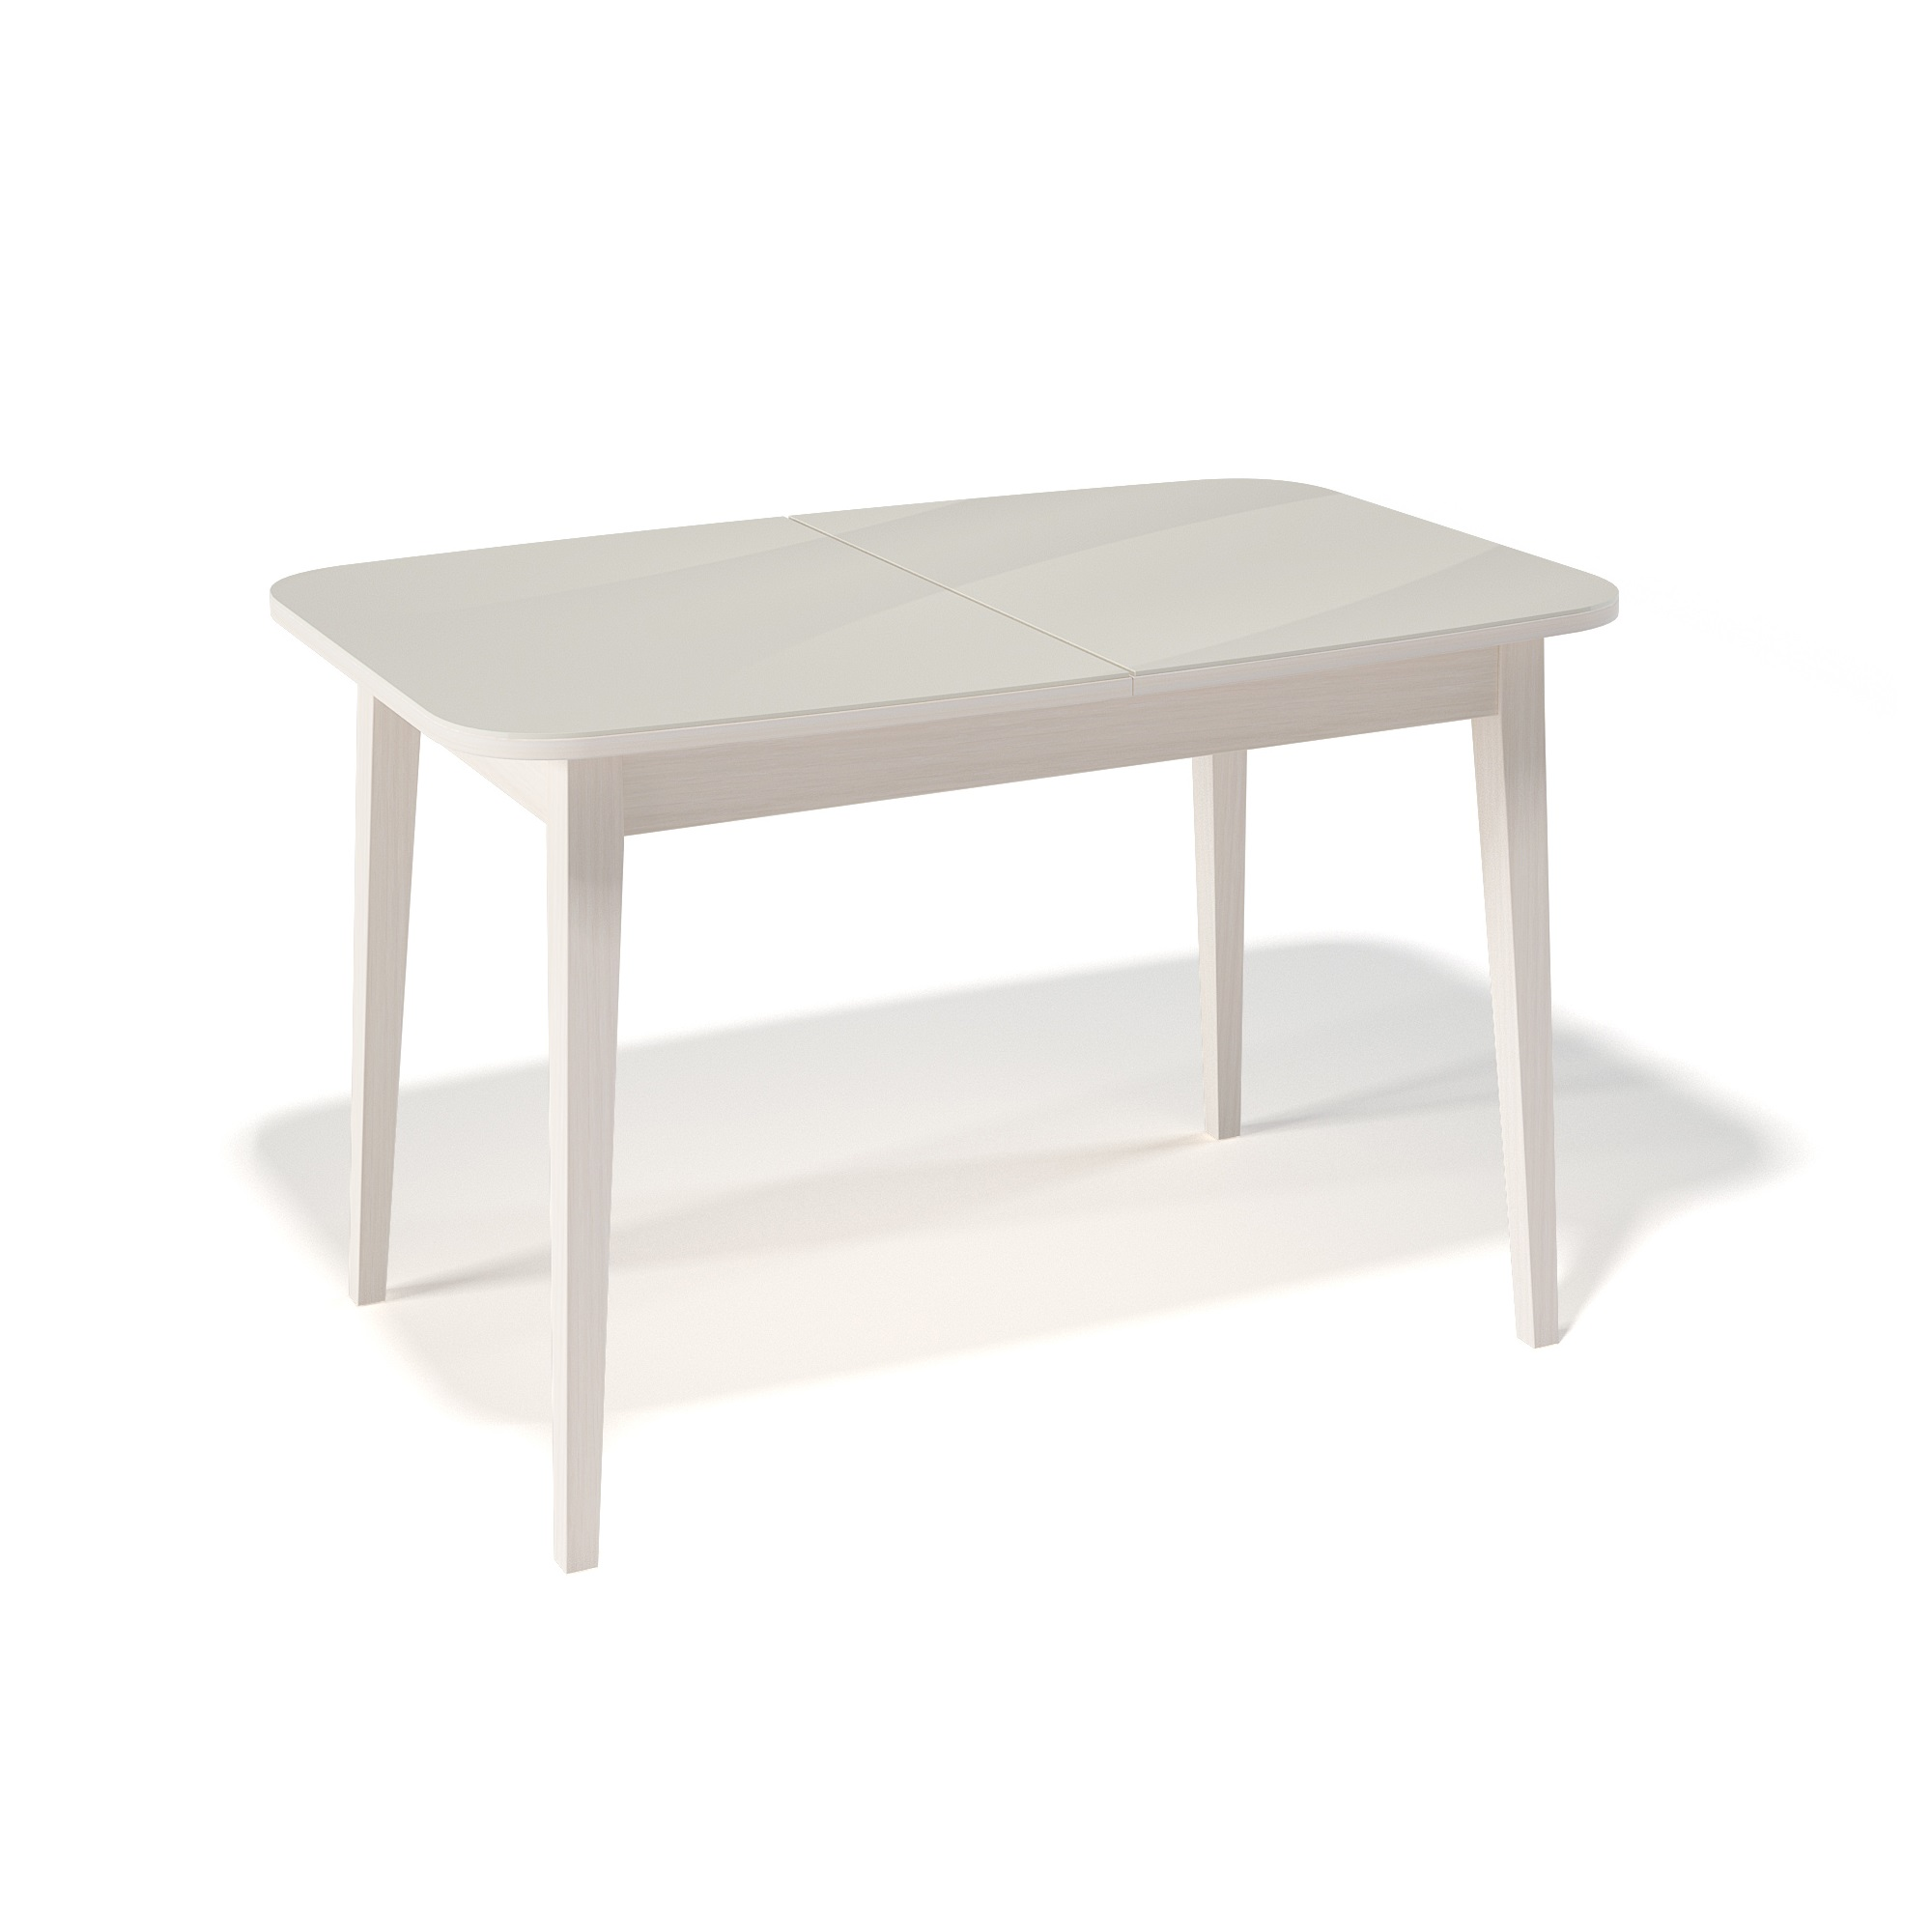 Стол обеденный KennerОбеденные столы<br>Ножки стола выполнены из массива бука, столешница - ДСП+стекло 4мм.&amp;amp;nbsp;&amp;lt;div&amp;gt;Механизм раскладки: синхронный, легкого скольжения.&amp;amp;nbsp;&amp;lt;/div&amp;gt;&amp;lt;div&amp;gt;На ножках установлены регулировочные винты.&amp;amp;nbsp;&amp;lt;/div&amp;gt;&amp;lt;div&amp;gt;Фурнитура в комплекте.&amp;amp;nbsp;&amp;lt;/div&amp;gt;&amp;lt;div&amp;gt;Стол раскладной,вставка &amp;quot;бабочка&amp;quot; со стеклом.&amp;amp;nbsp;&amp;lt;/div&amp;gt;&amp;lt;div&amp;gt;Размер столешницы в разложенном виде: 160х75 см. &amp;lt;/div&amp;gt;<br><br>Material: Дерево<br>Width см: 120<br>Depth см: 80<br>Height см: 75